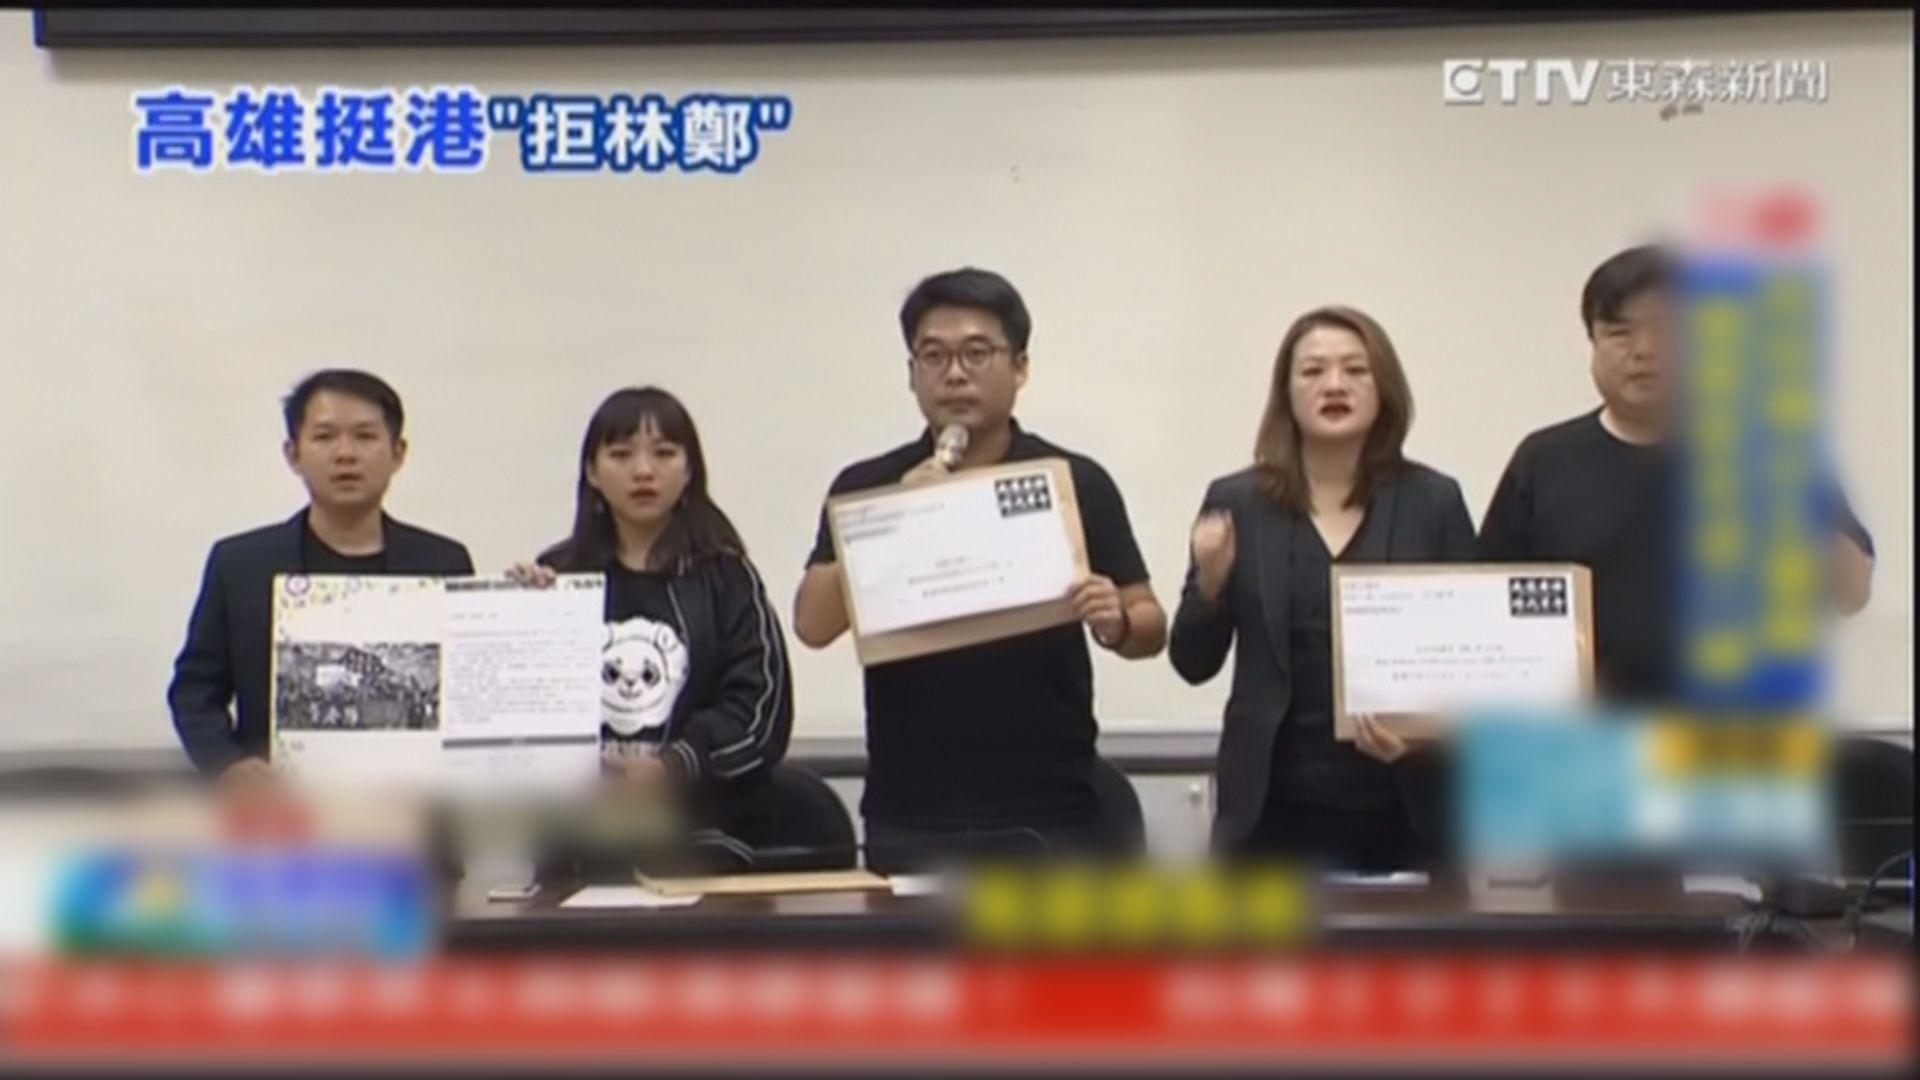 高雄市議會提案促列林鄭月娥為不受歡迎人物